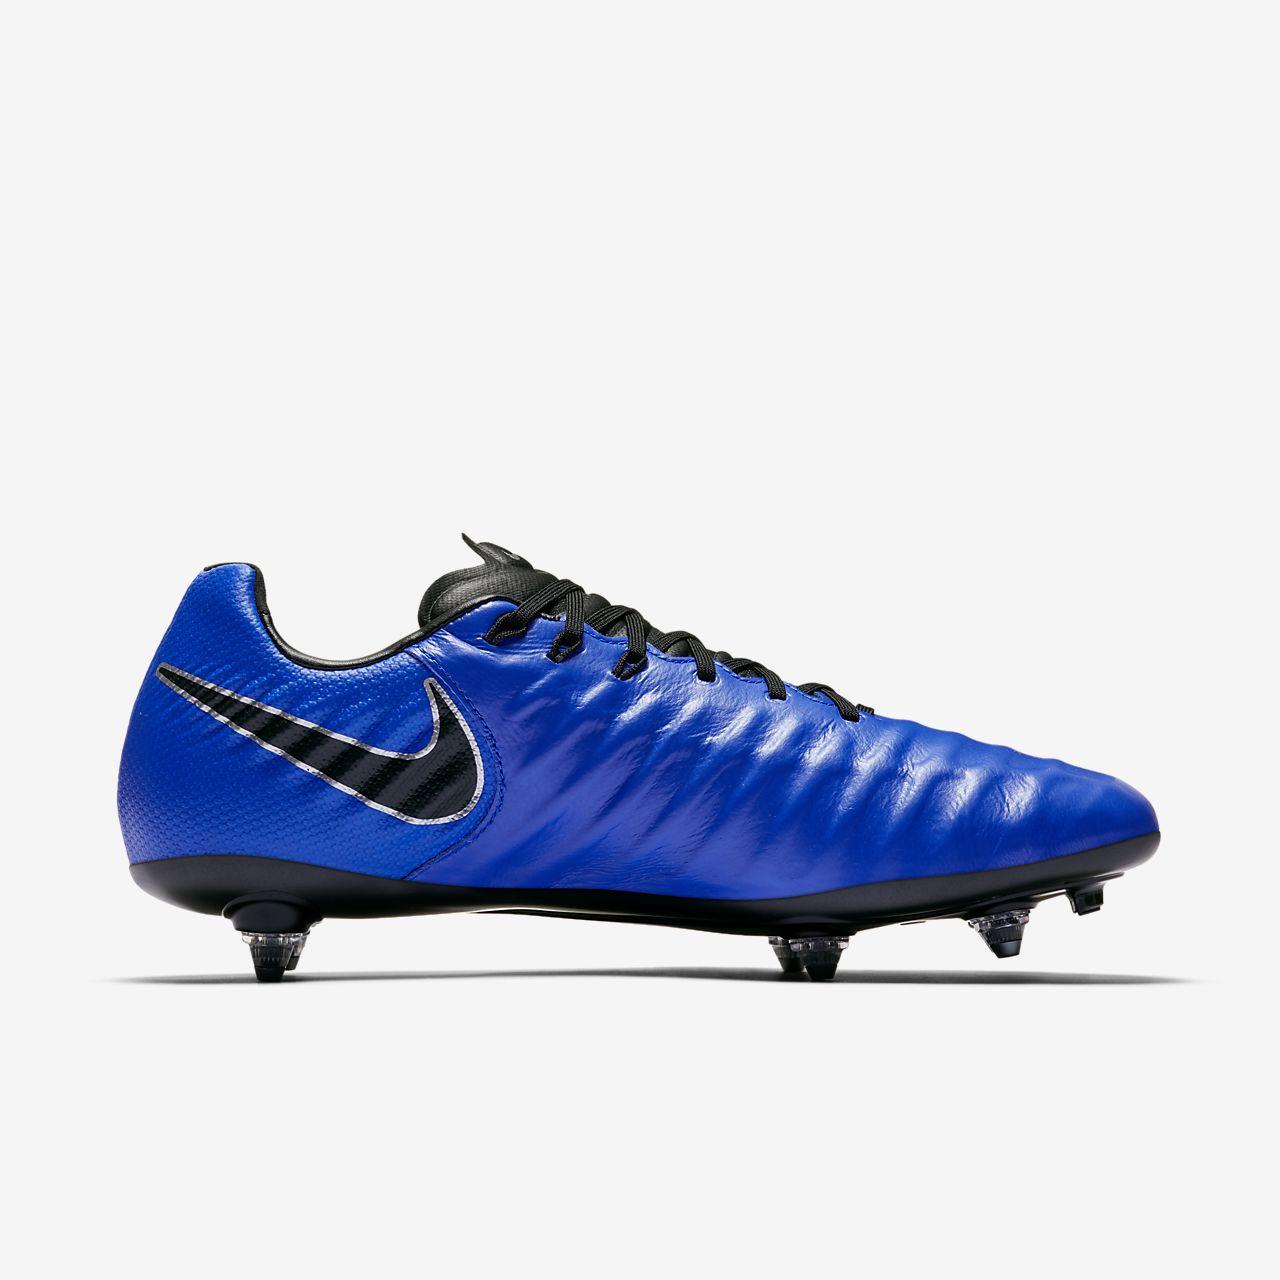 best website b40ff 9b867 ... Chaussure de football à crampons pour terrain gras Nike Tiempo Legend  VII Pro